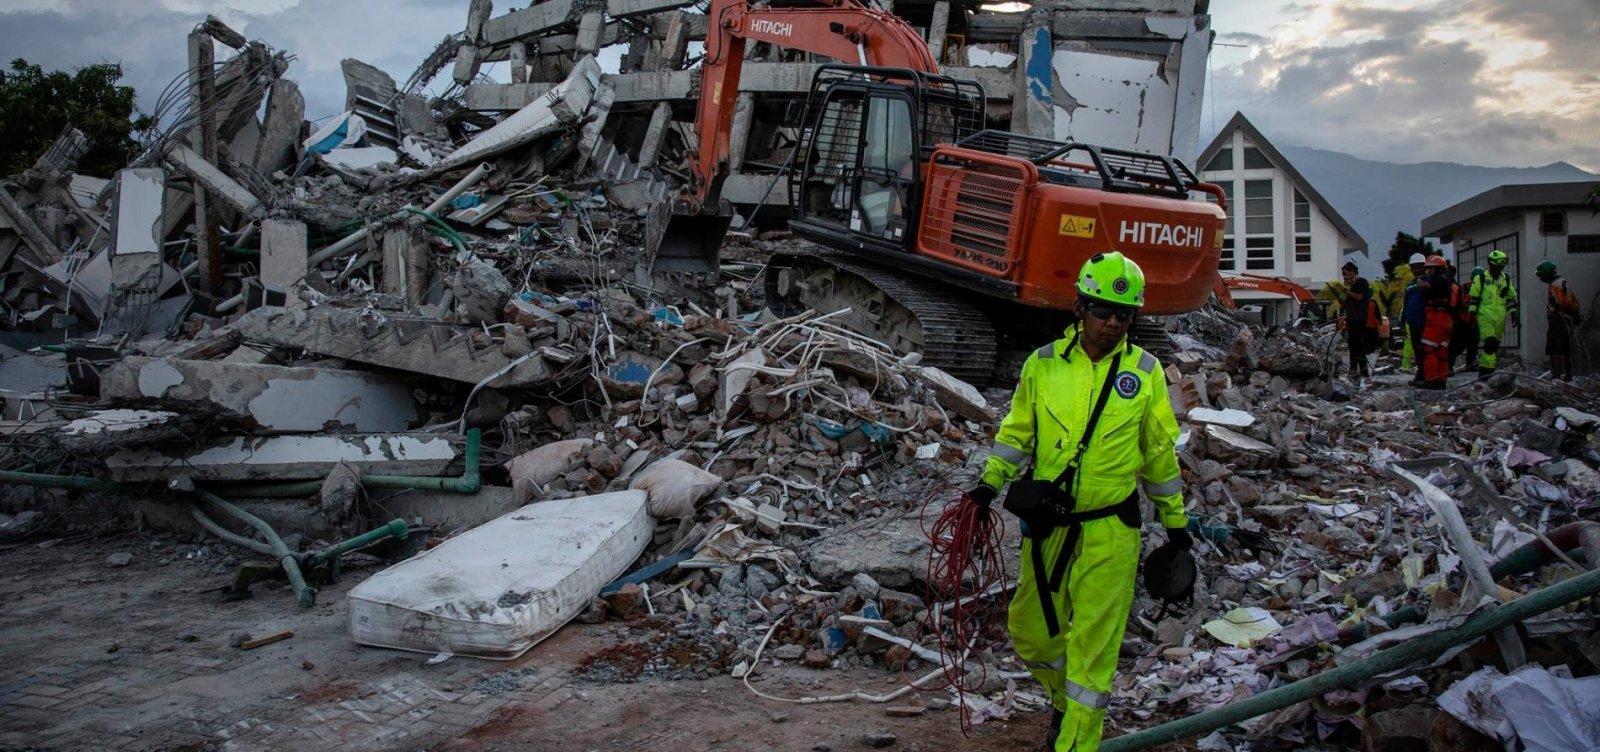 [Governo da Indonésia pondera transformar áreas devastadas em cemitérios]